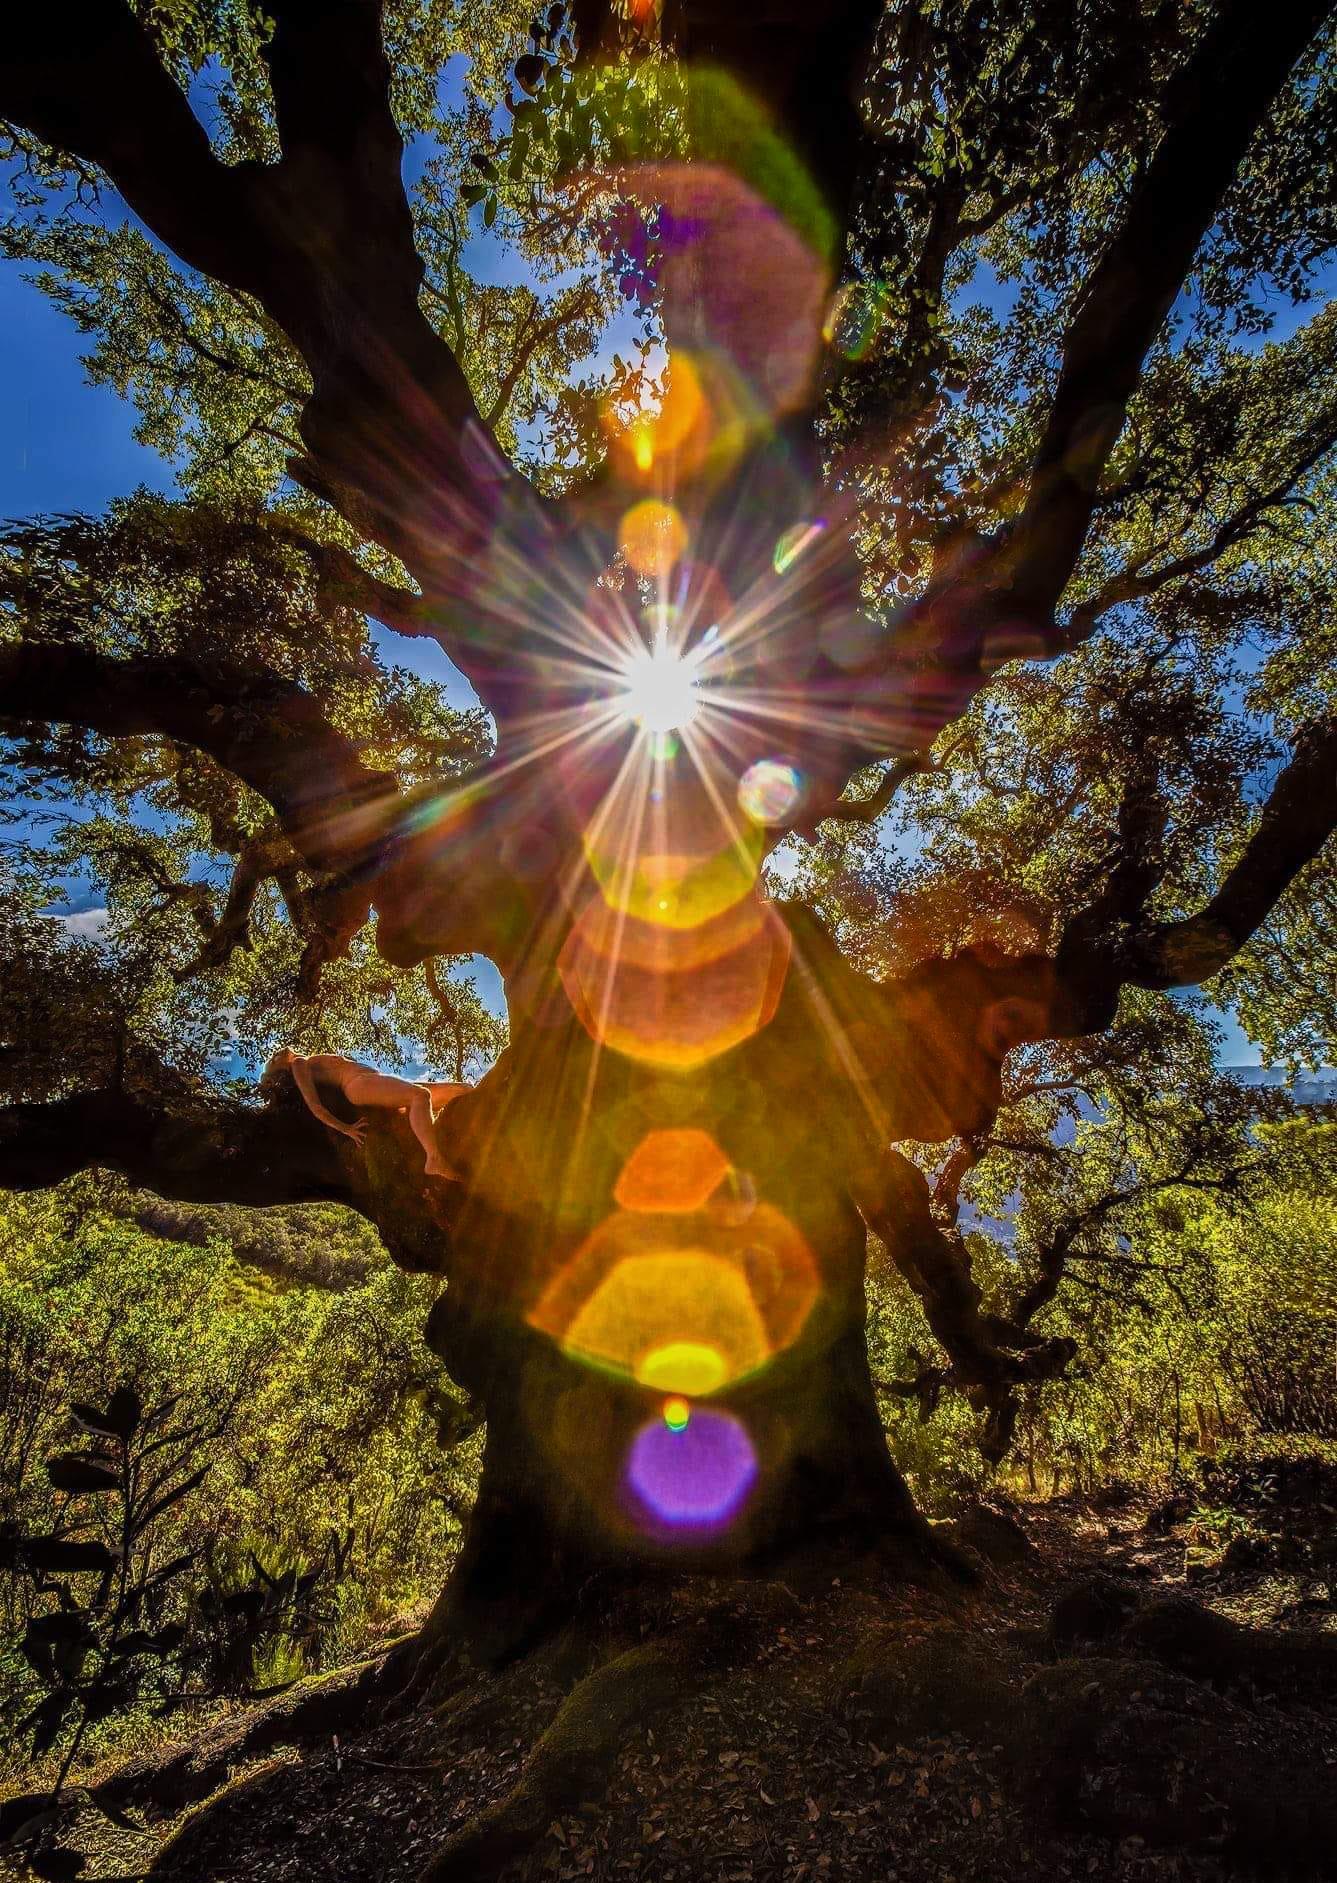 Herääminen kevääseen – kohti iloa ja valoa -työpaja 28.3. klo 11.00-16.30 (SIIRTYY)